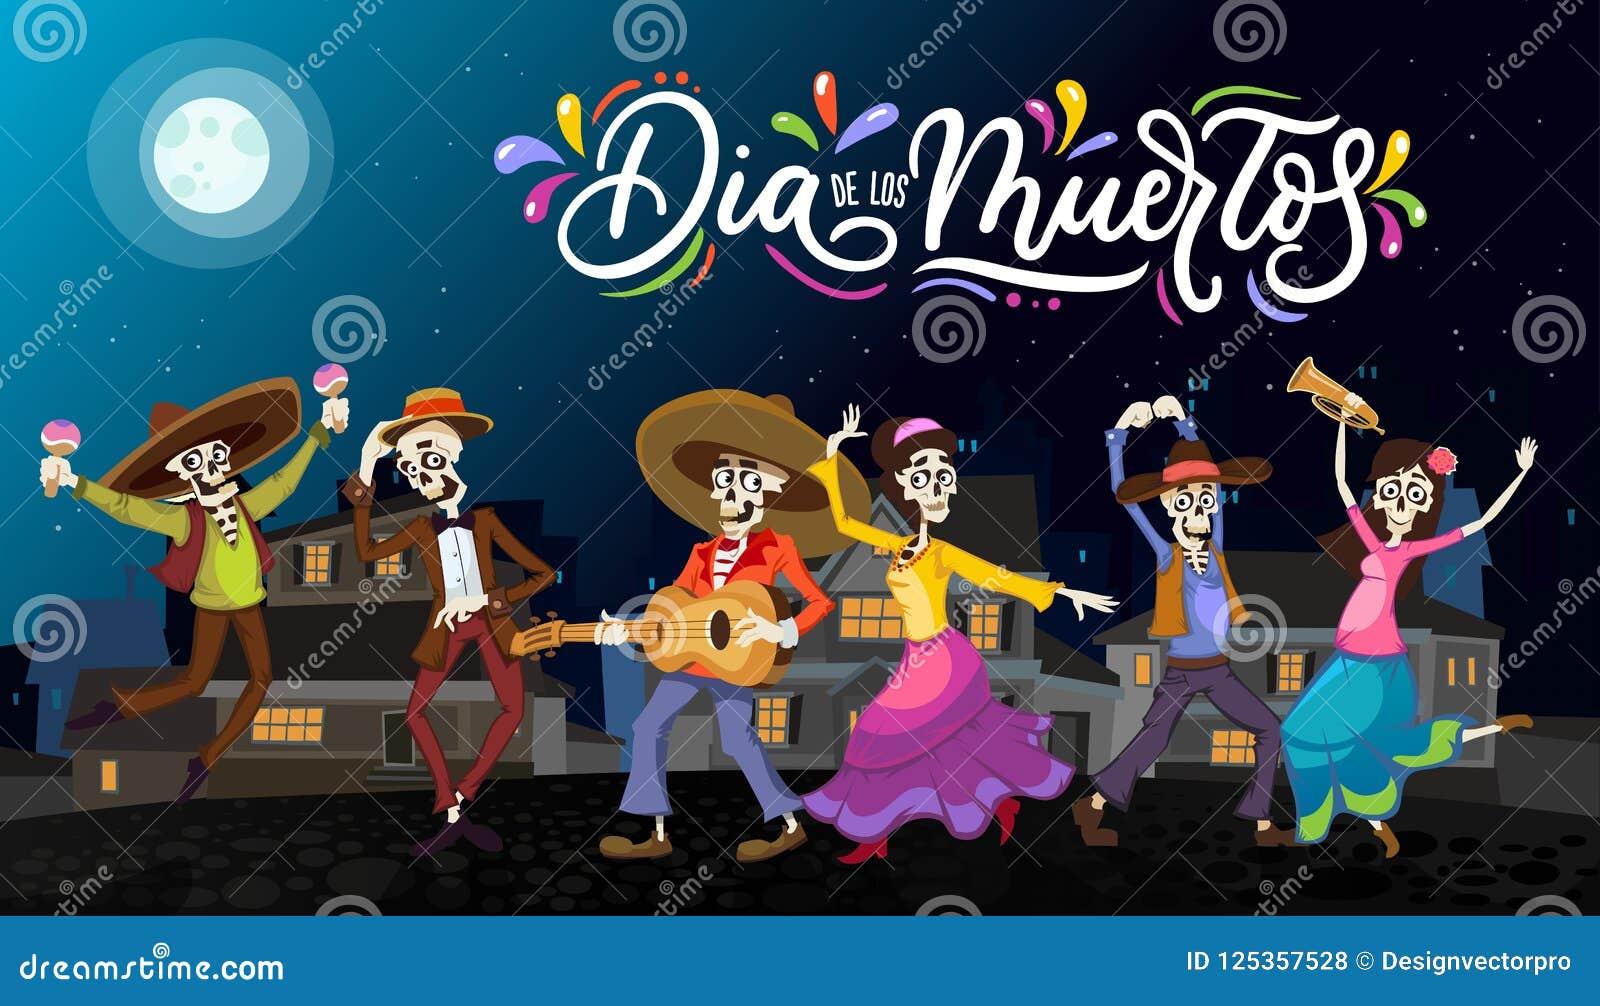 Dia de Los Muertos ευχετήρια κάρτα για την ημέρα των νεκρών Χαιρετισμός β